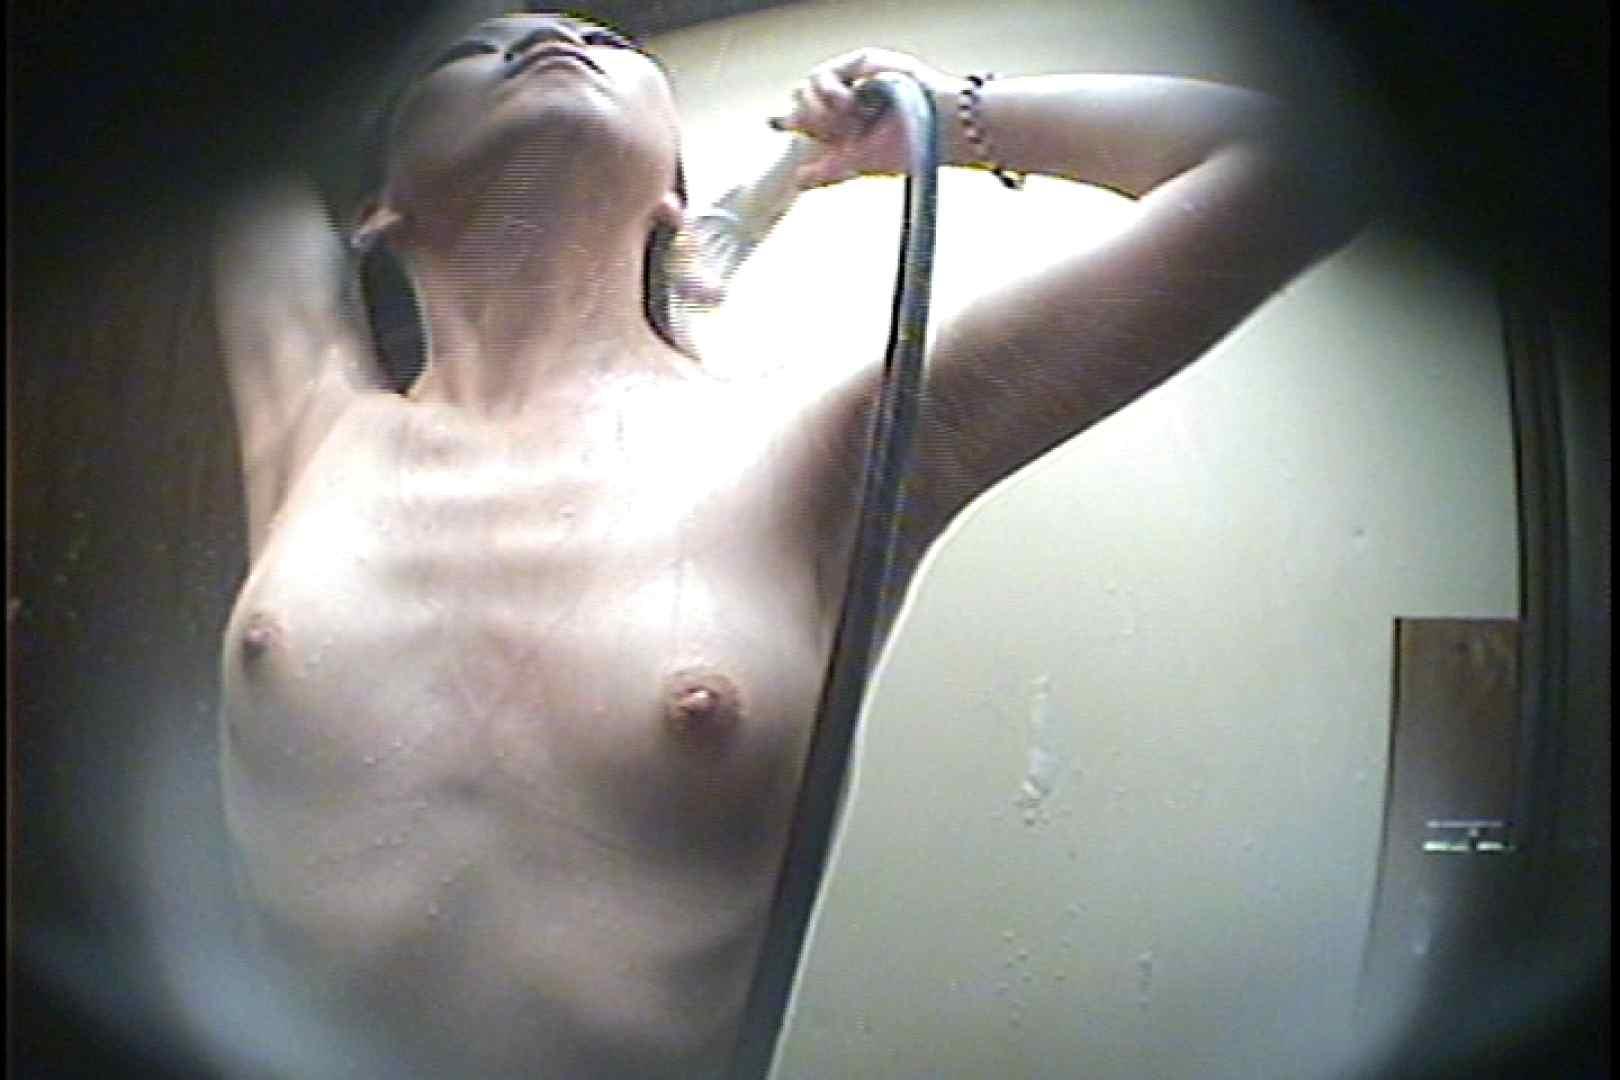 海の家の更衣室 Vol.40 シャワー室 ワレメ無修正動画無料 93枚 47